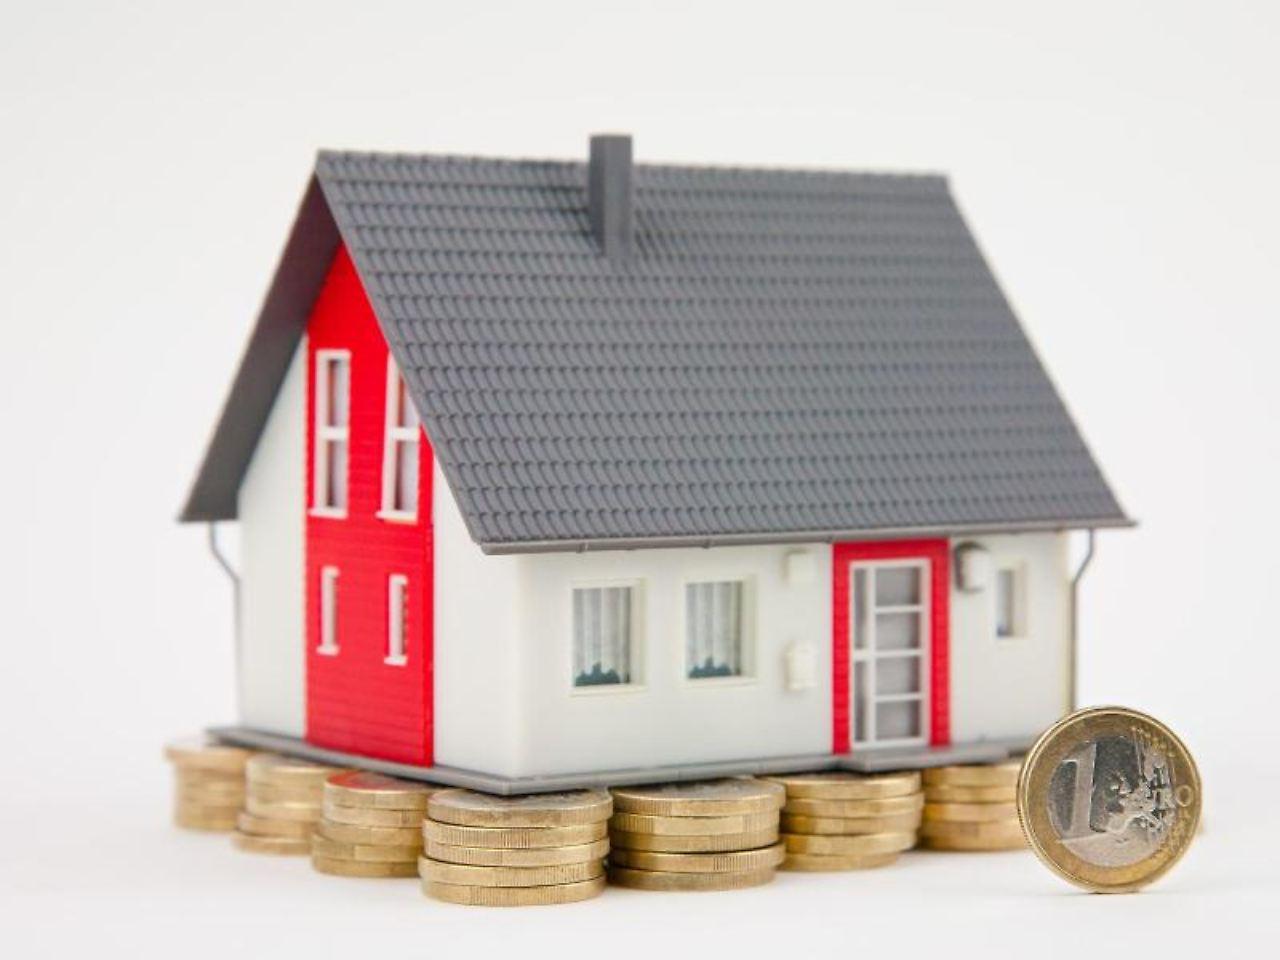 vorteile nutzen immobilien mit der grundschuld sparen. Black Bedroom Furniture Sets. Home Design Ideas